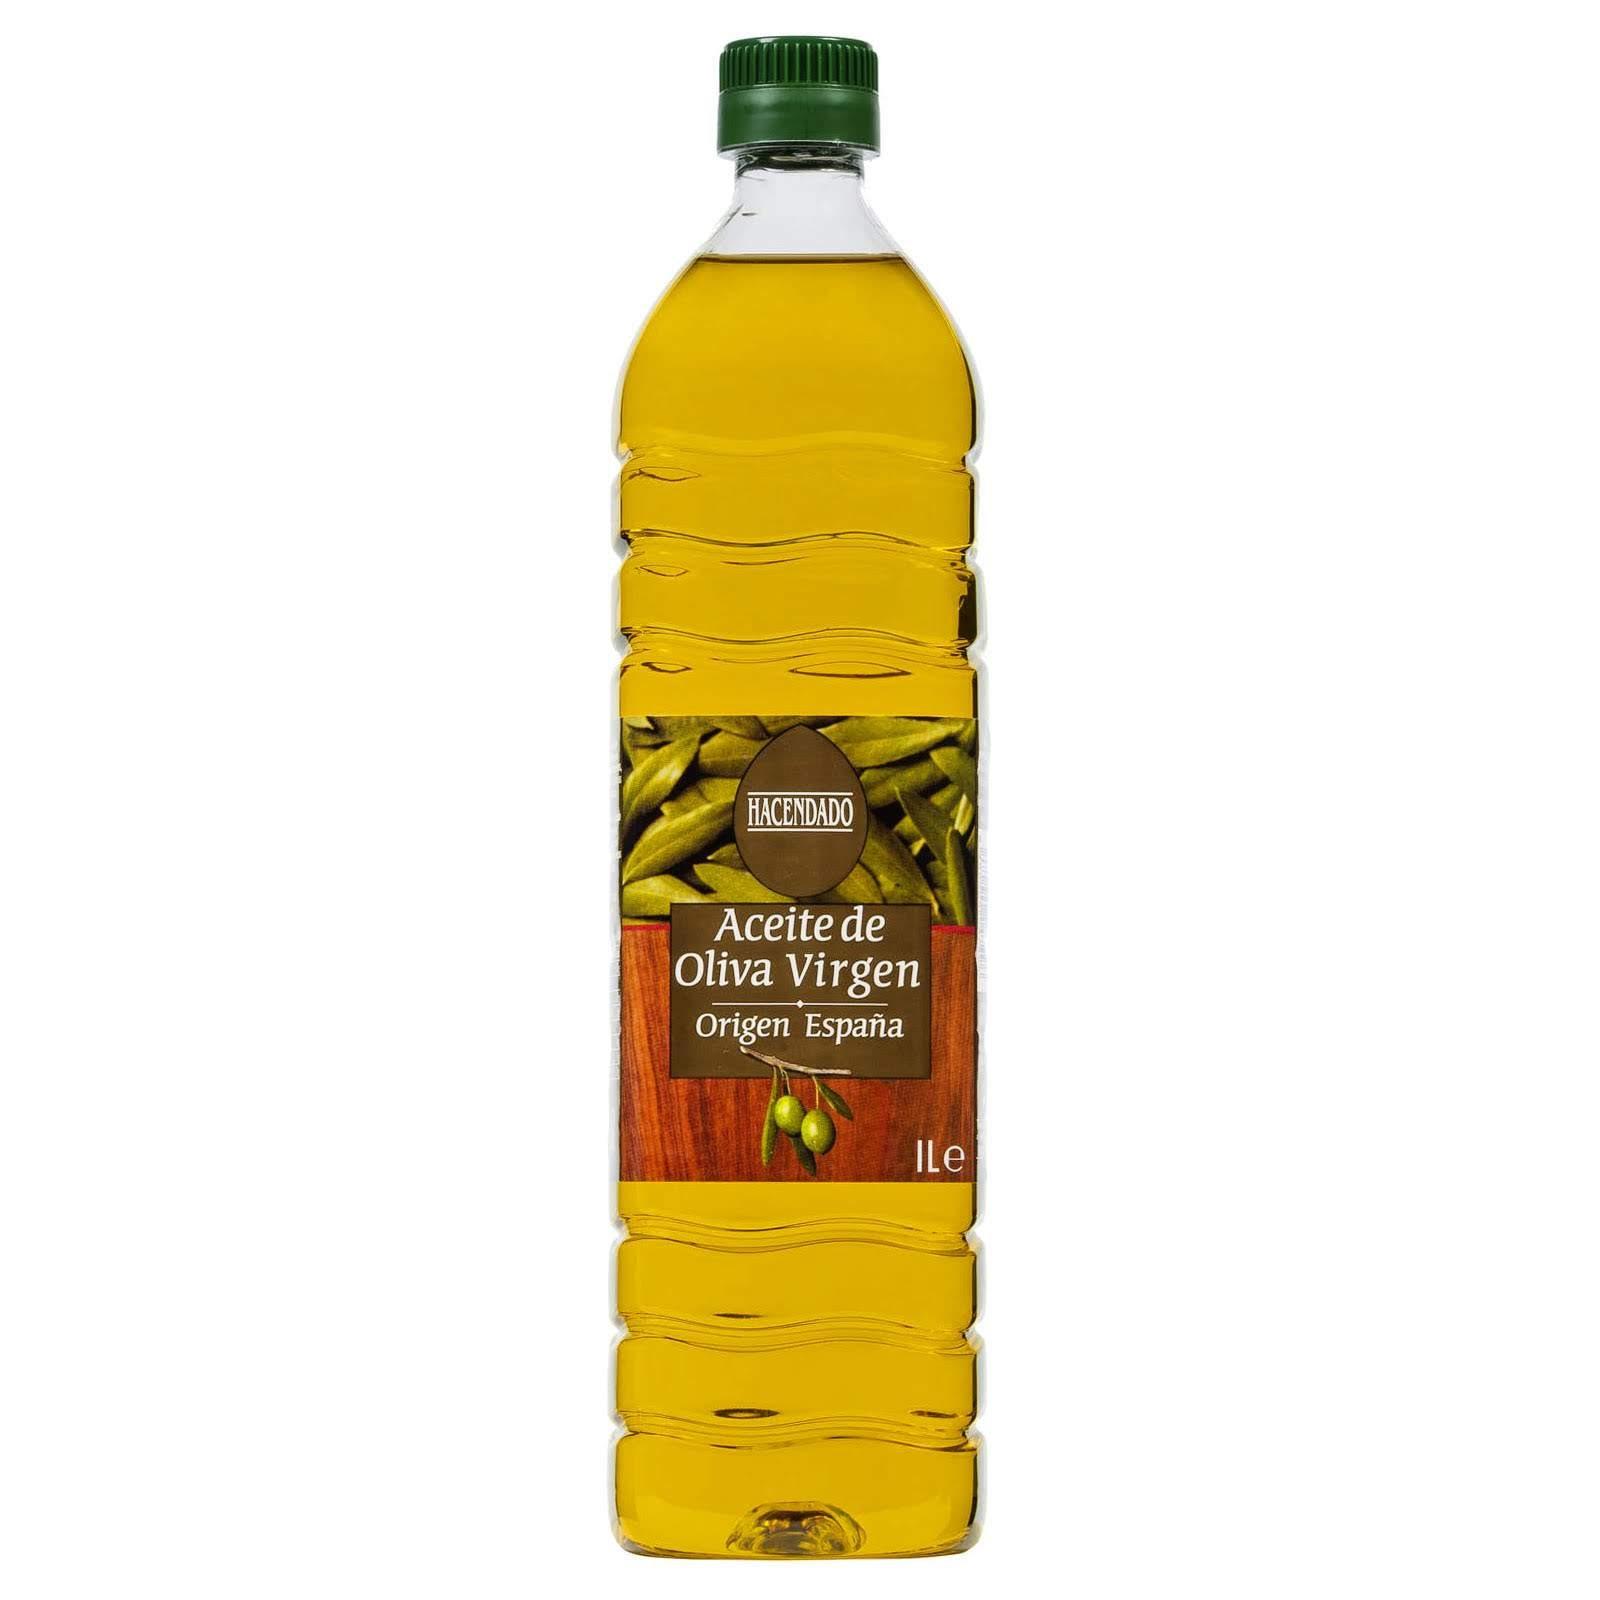 Aceite de oliva virgen Hacendado